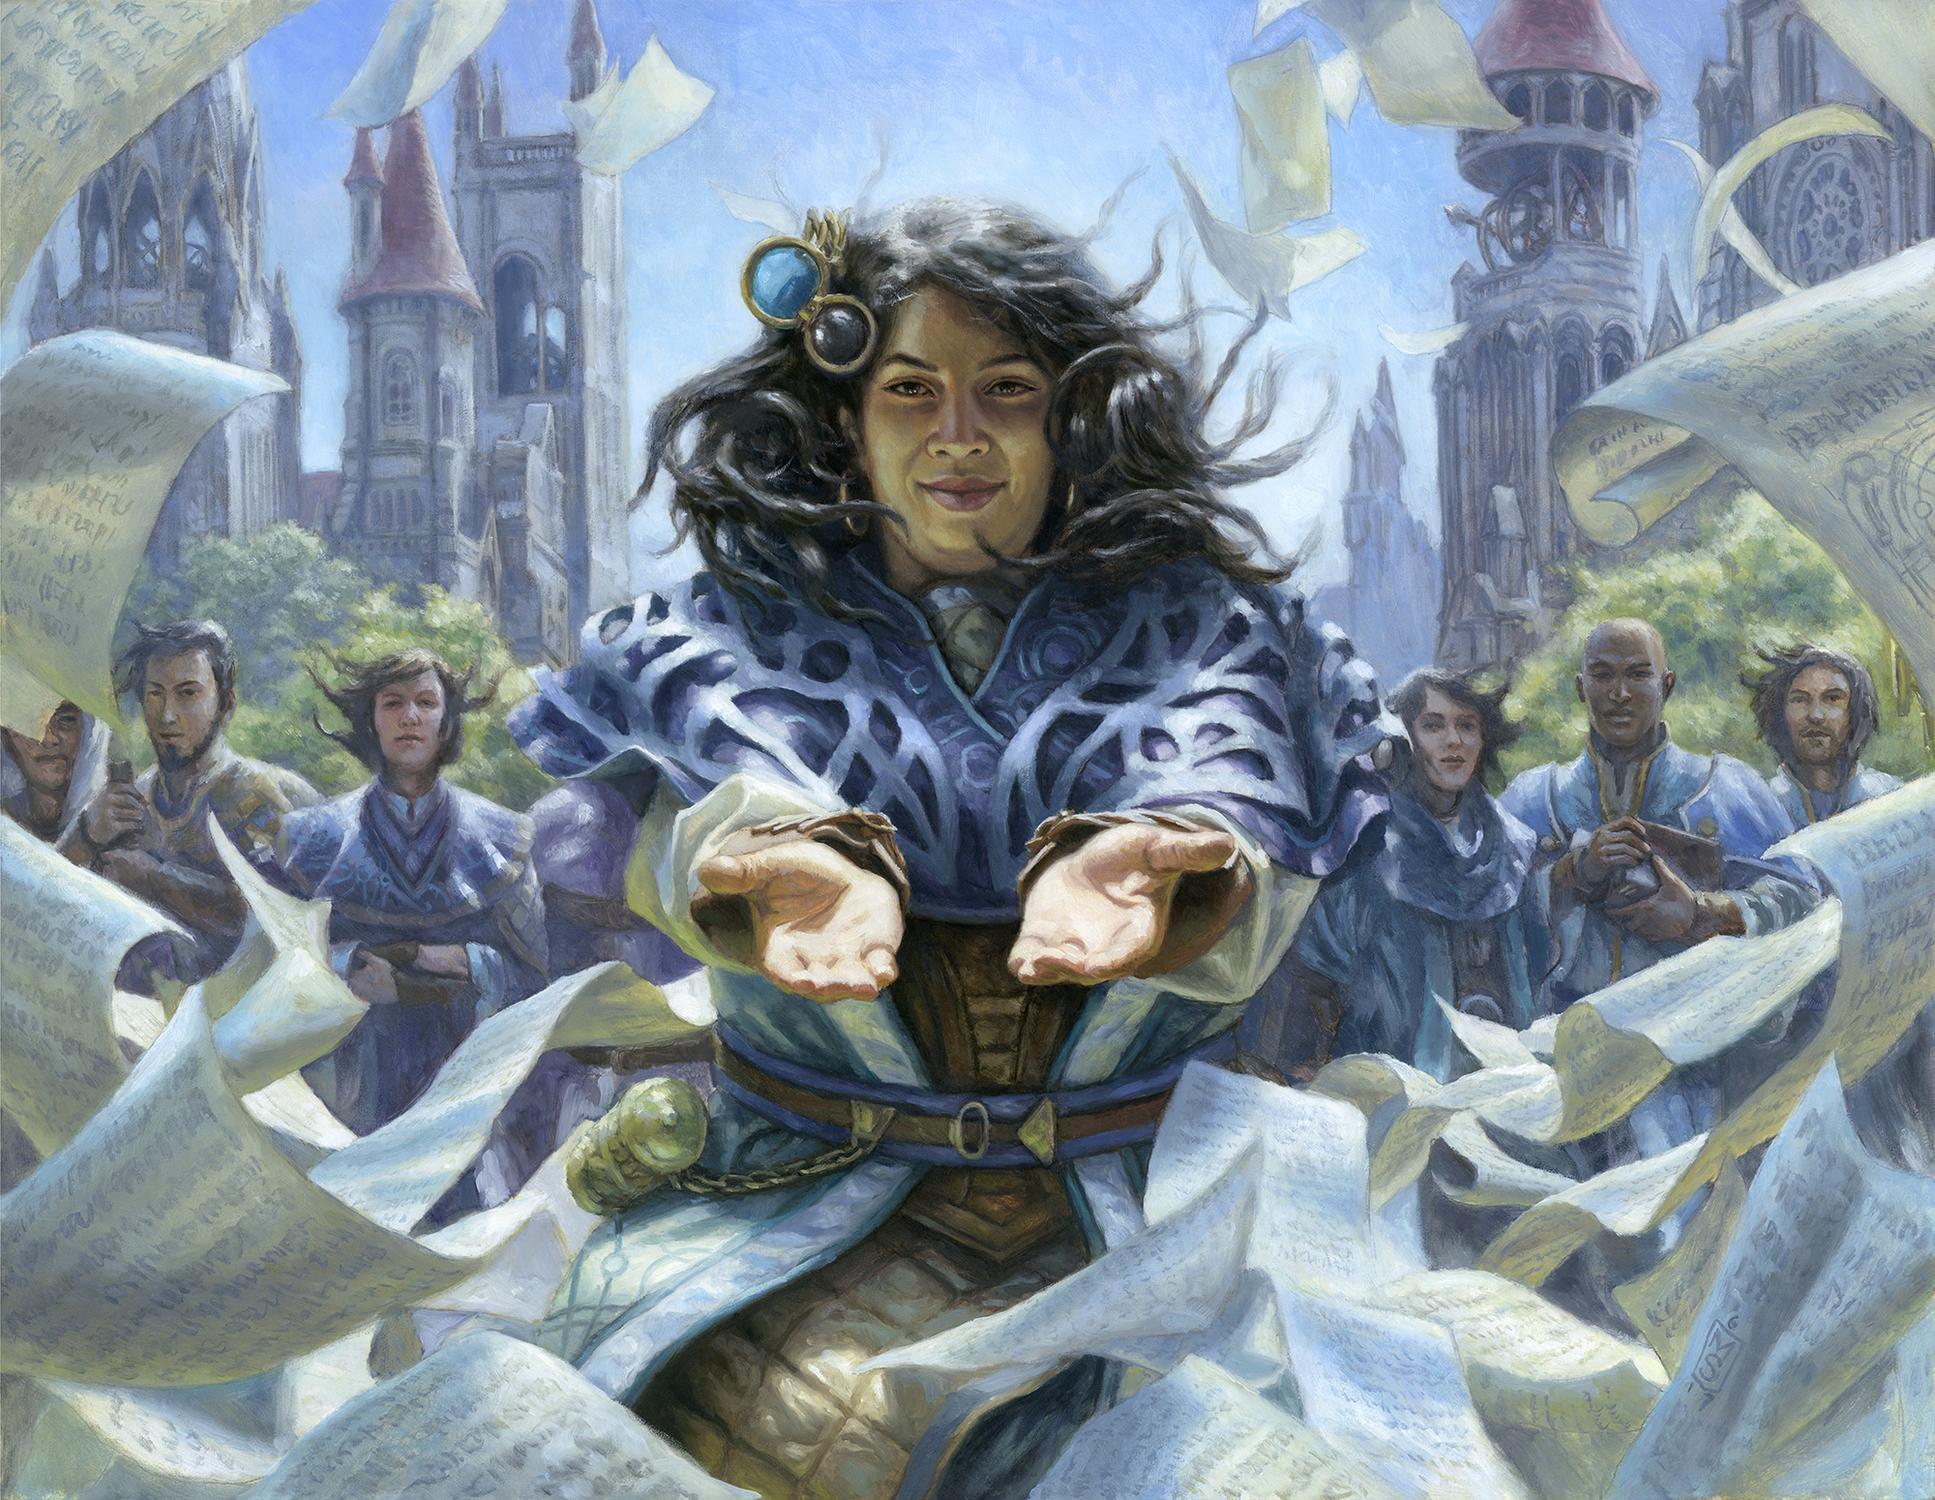 Naru Meha, Master Wizard Artwork by Matthew Stewart